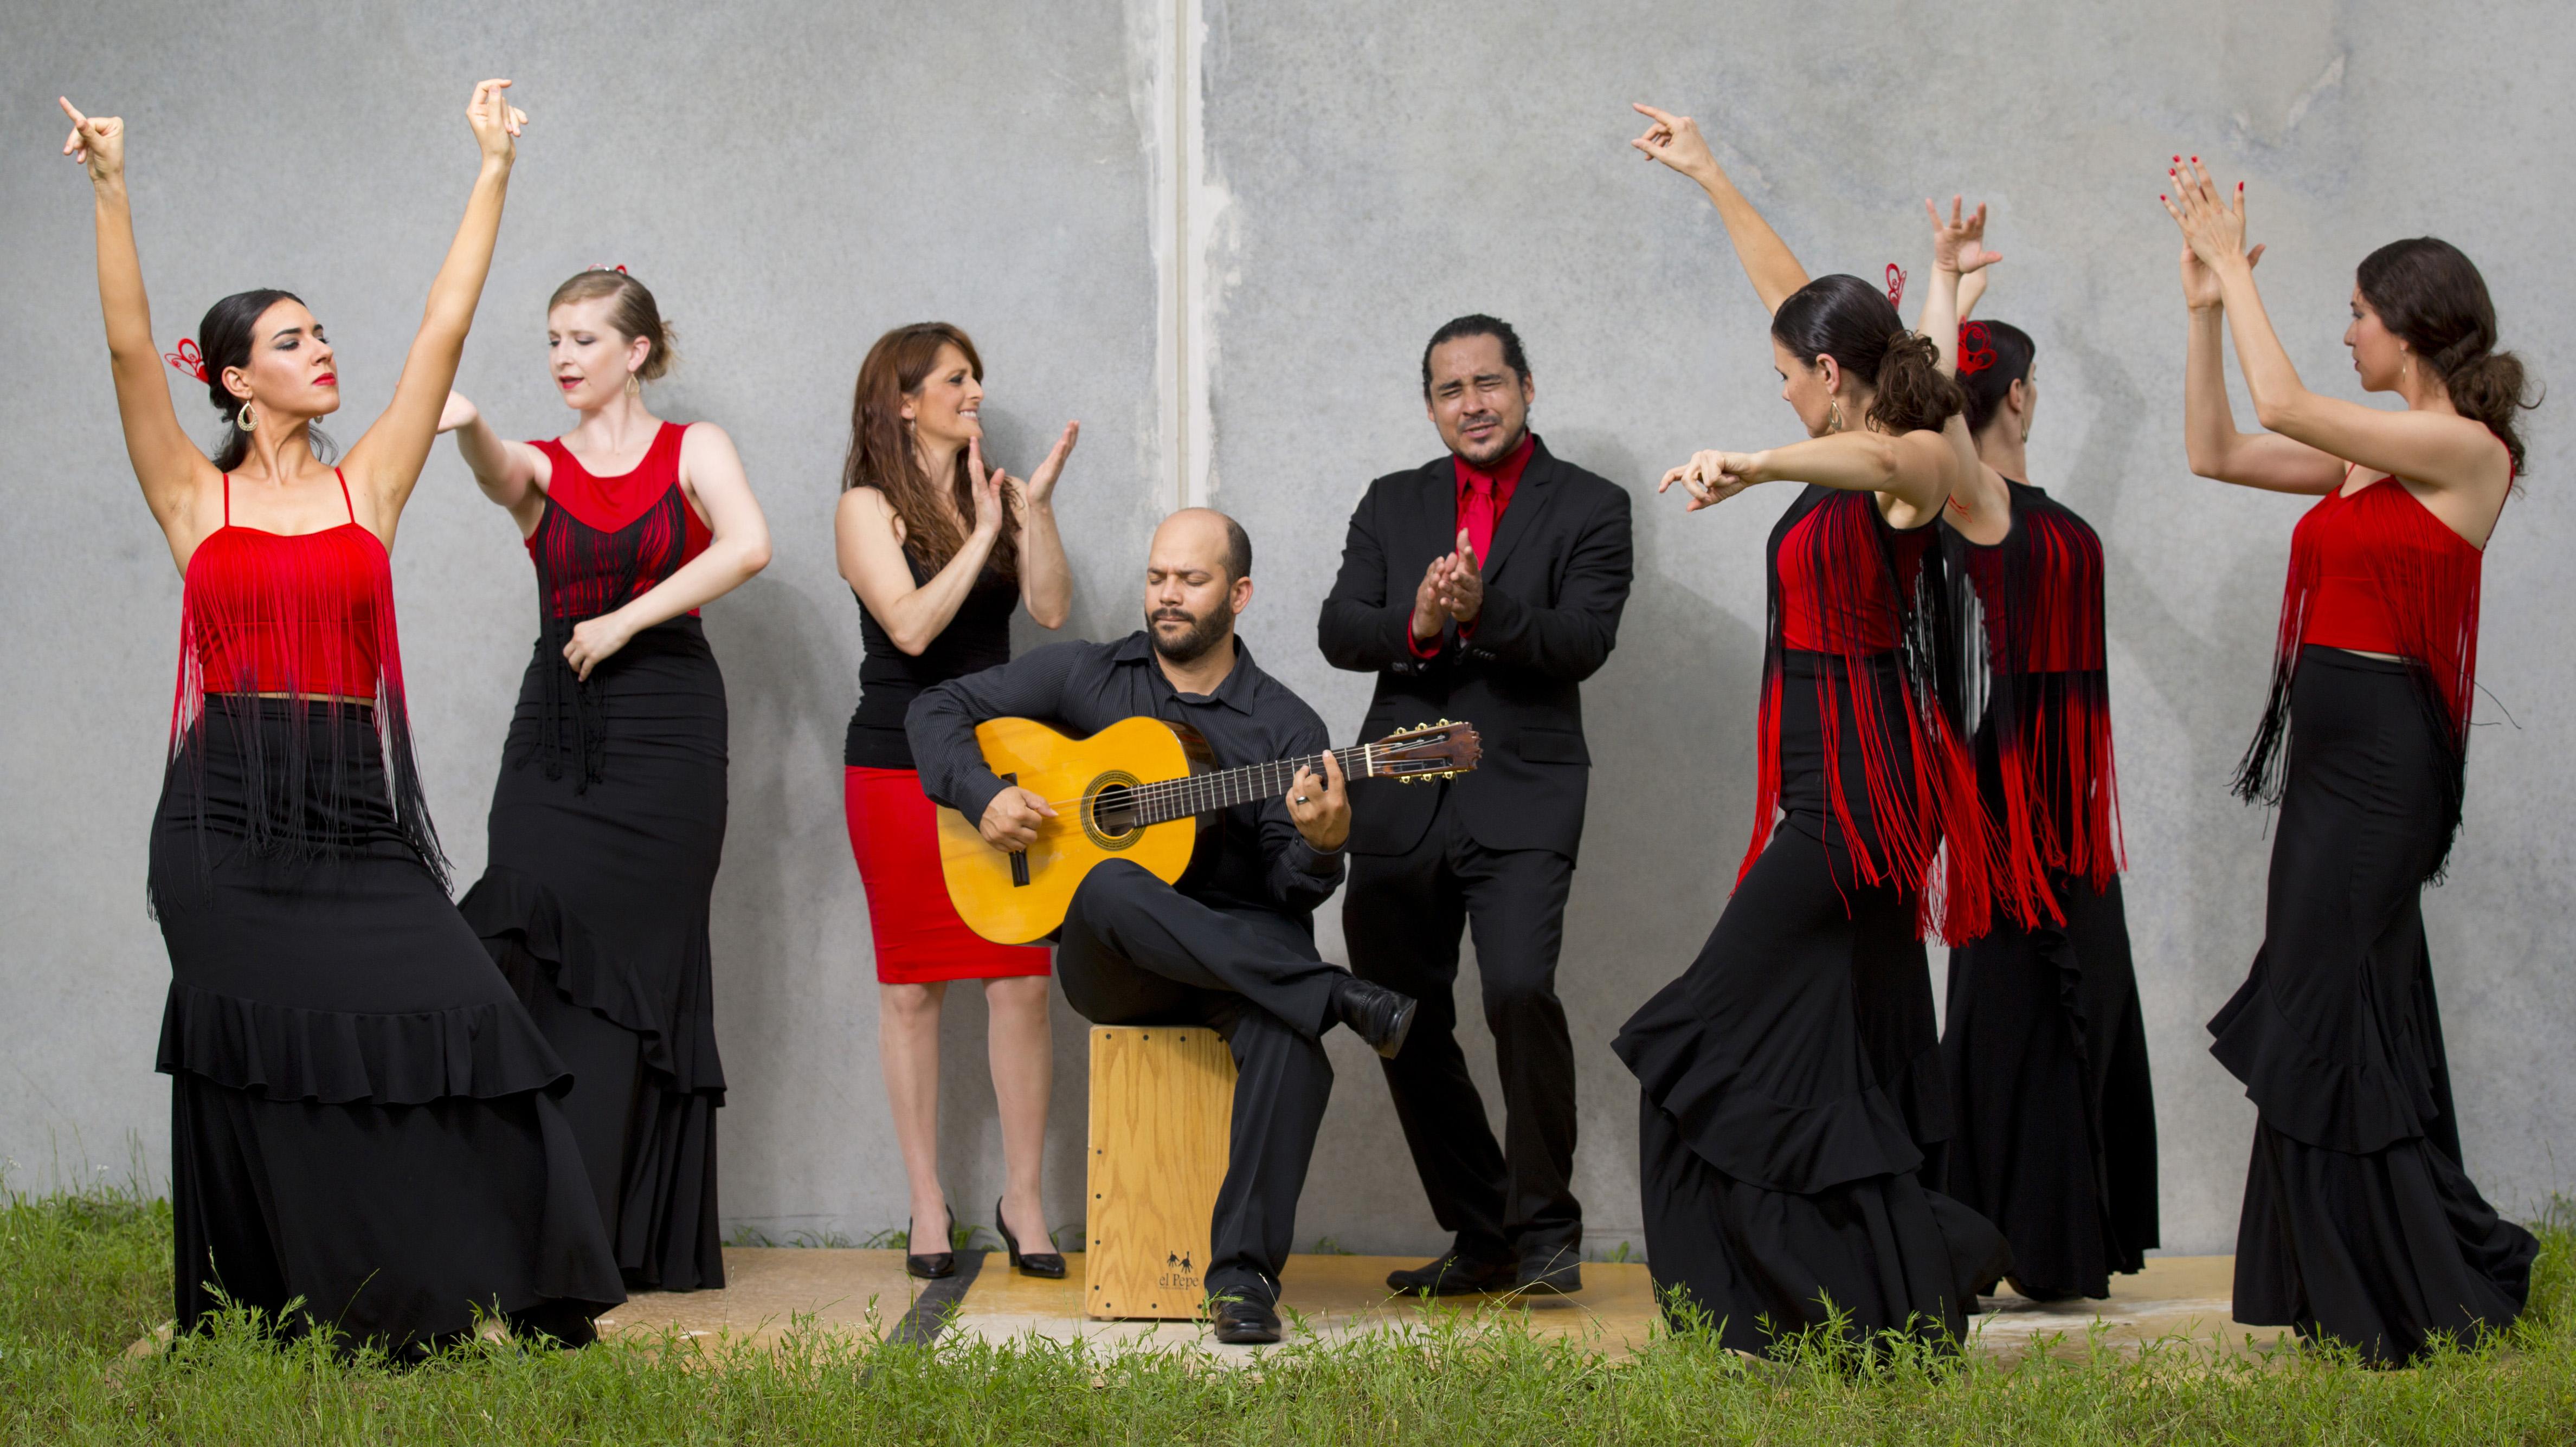 A`lante Flamenco Dance Ensemble